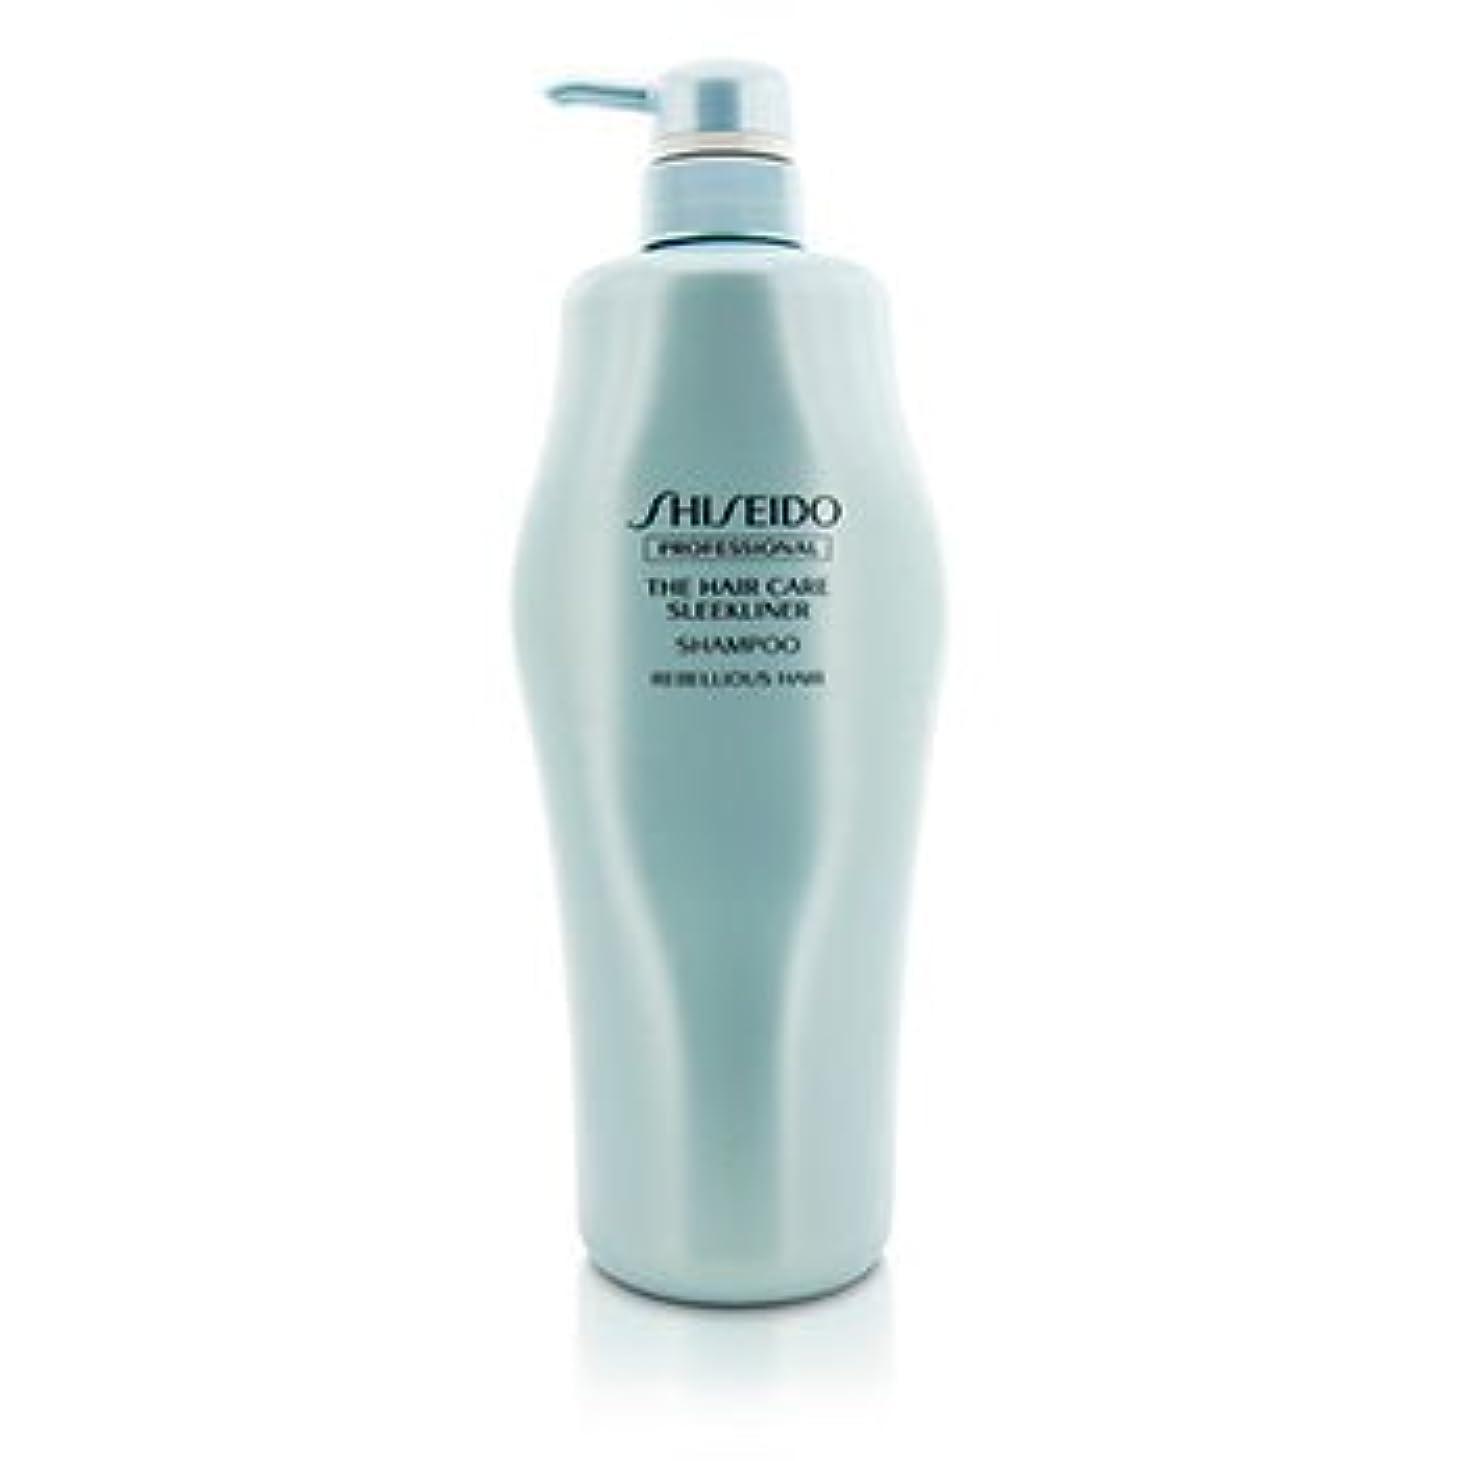 さようなら収まるアンビエント[Shiseido] The Hair Care Sleekliner Shampoo (Rebellious Hair) 1000ml/33.8oz